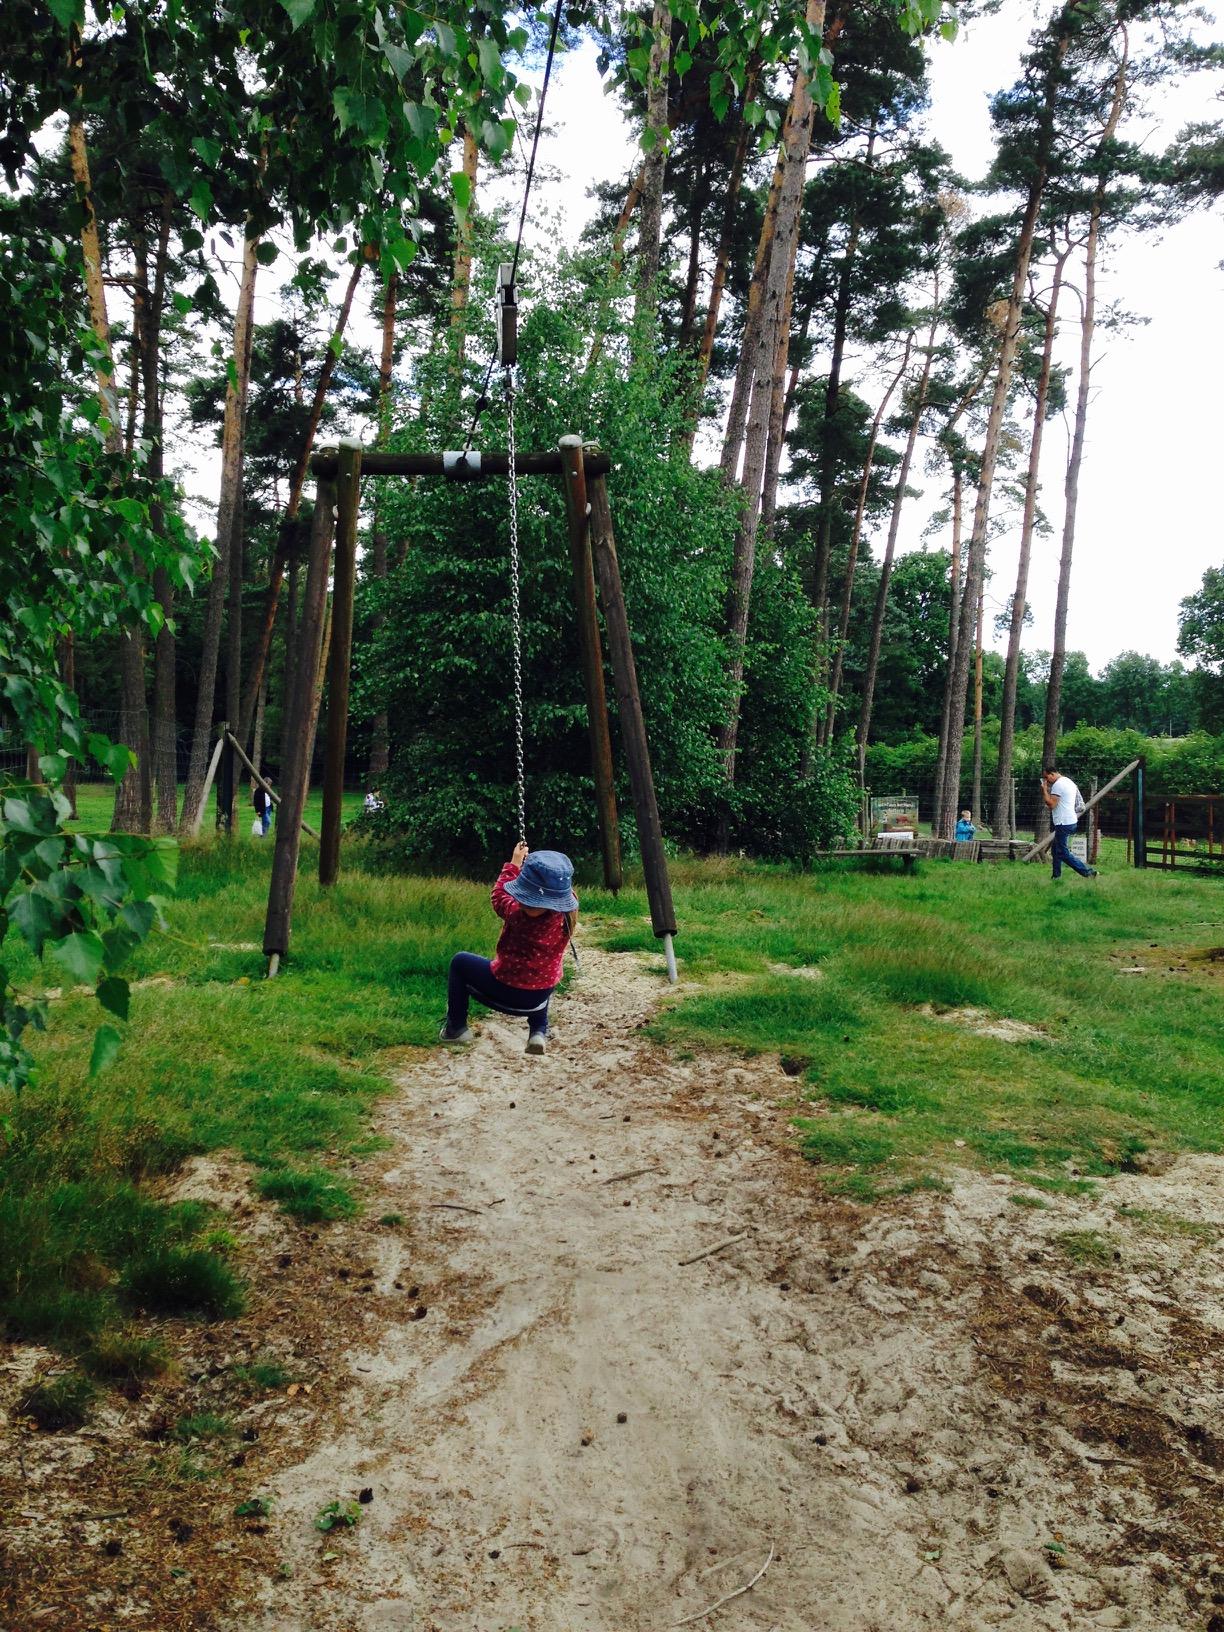 Ausflugstipps NRW, Kind fährt mit Spielplatzseilbahn im Wildpark Granat in Haltern